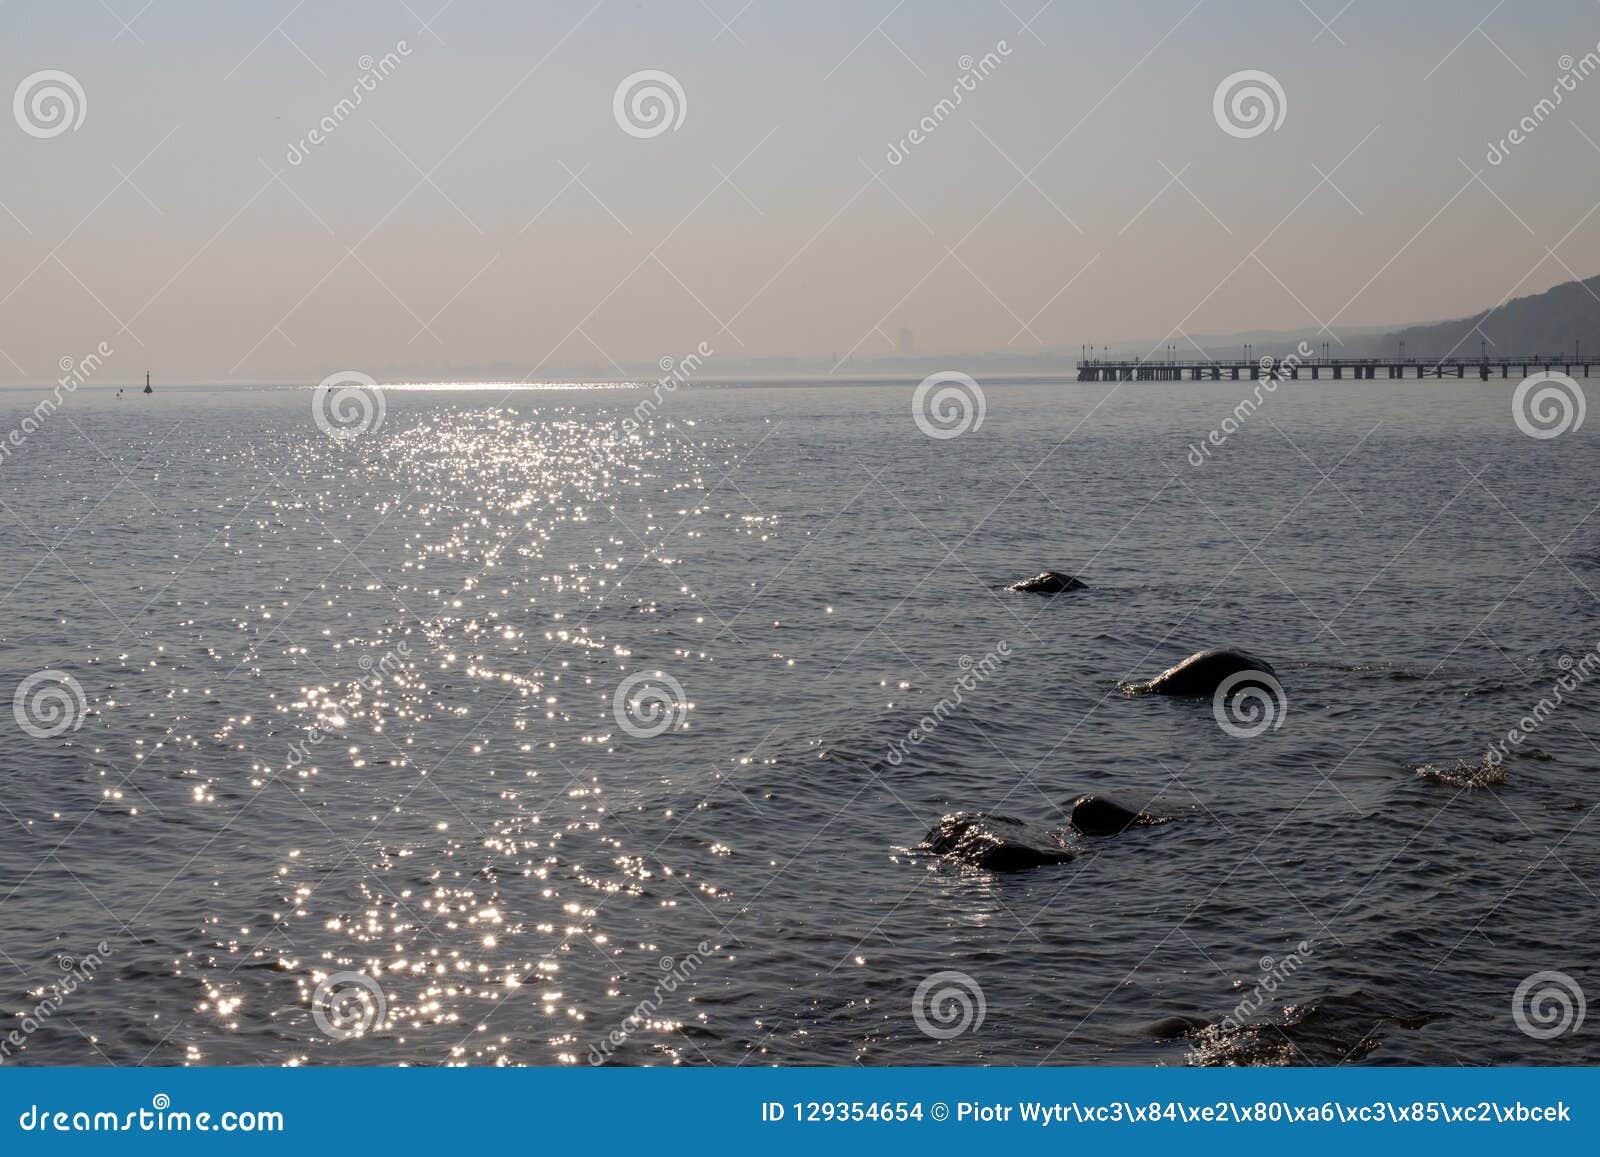 Пристань на Балтийском море в Восточной Европе Мост на береге моря